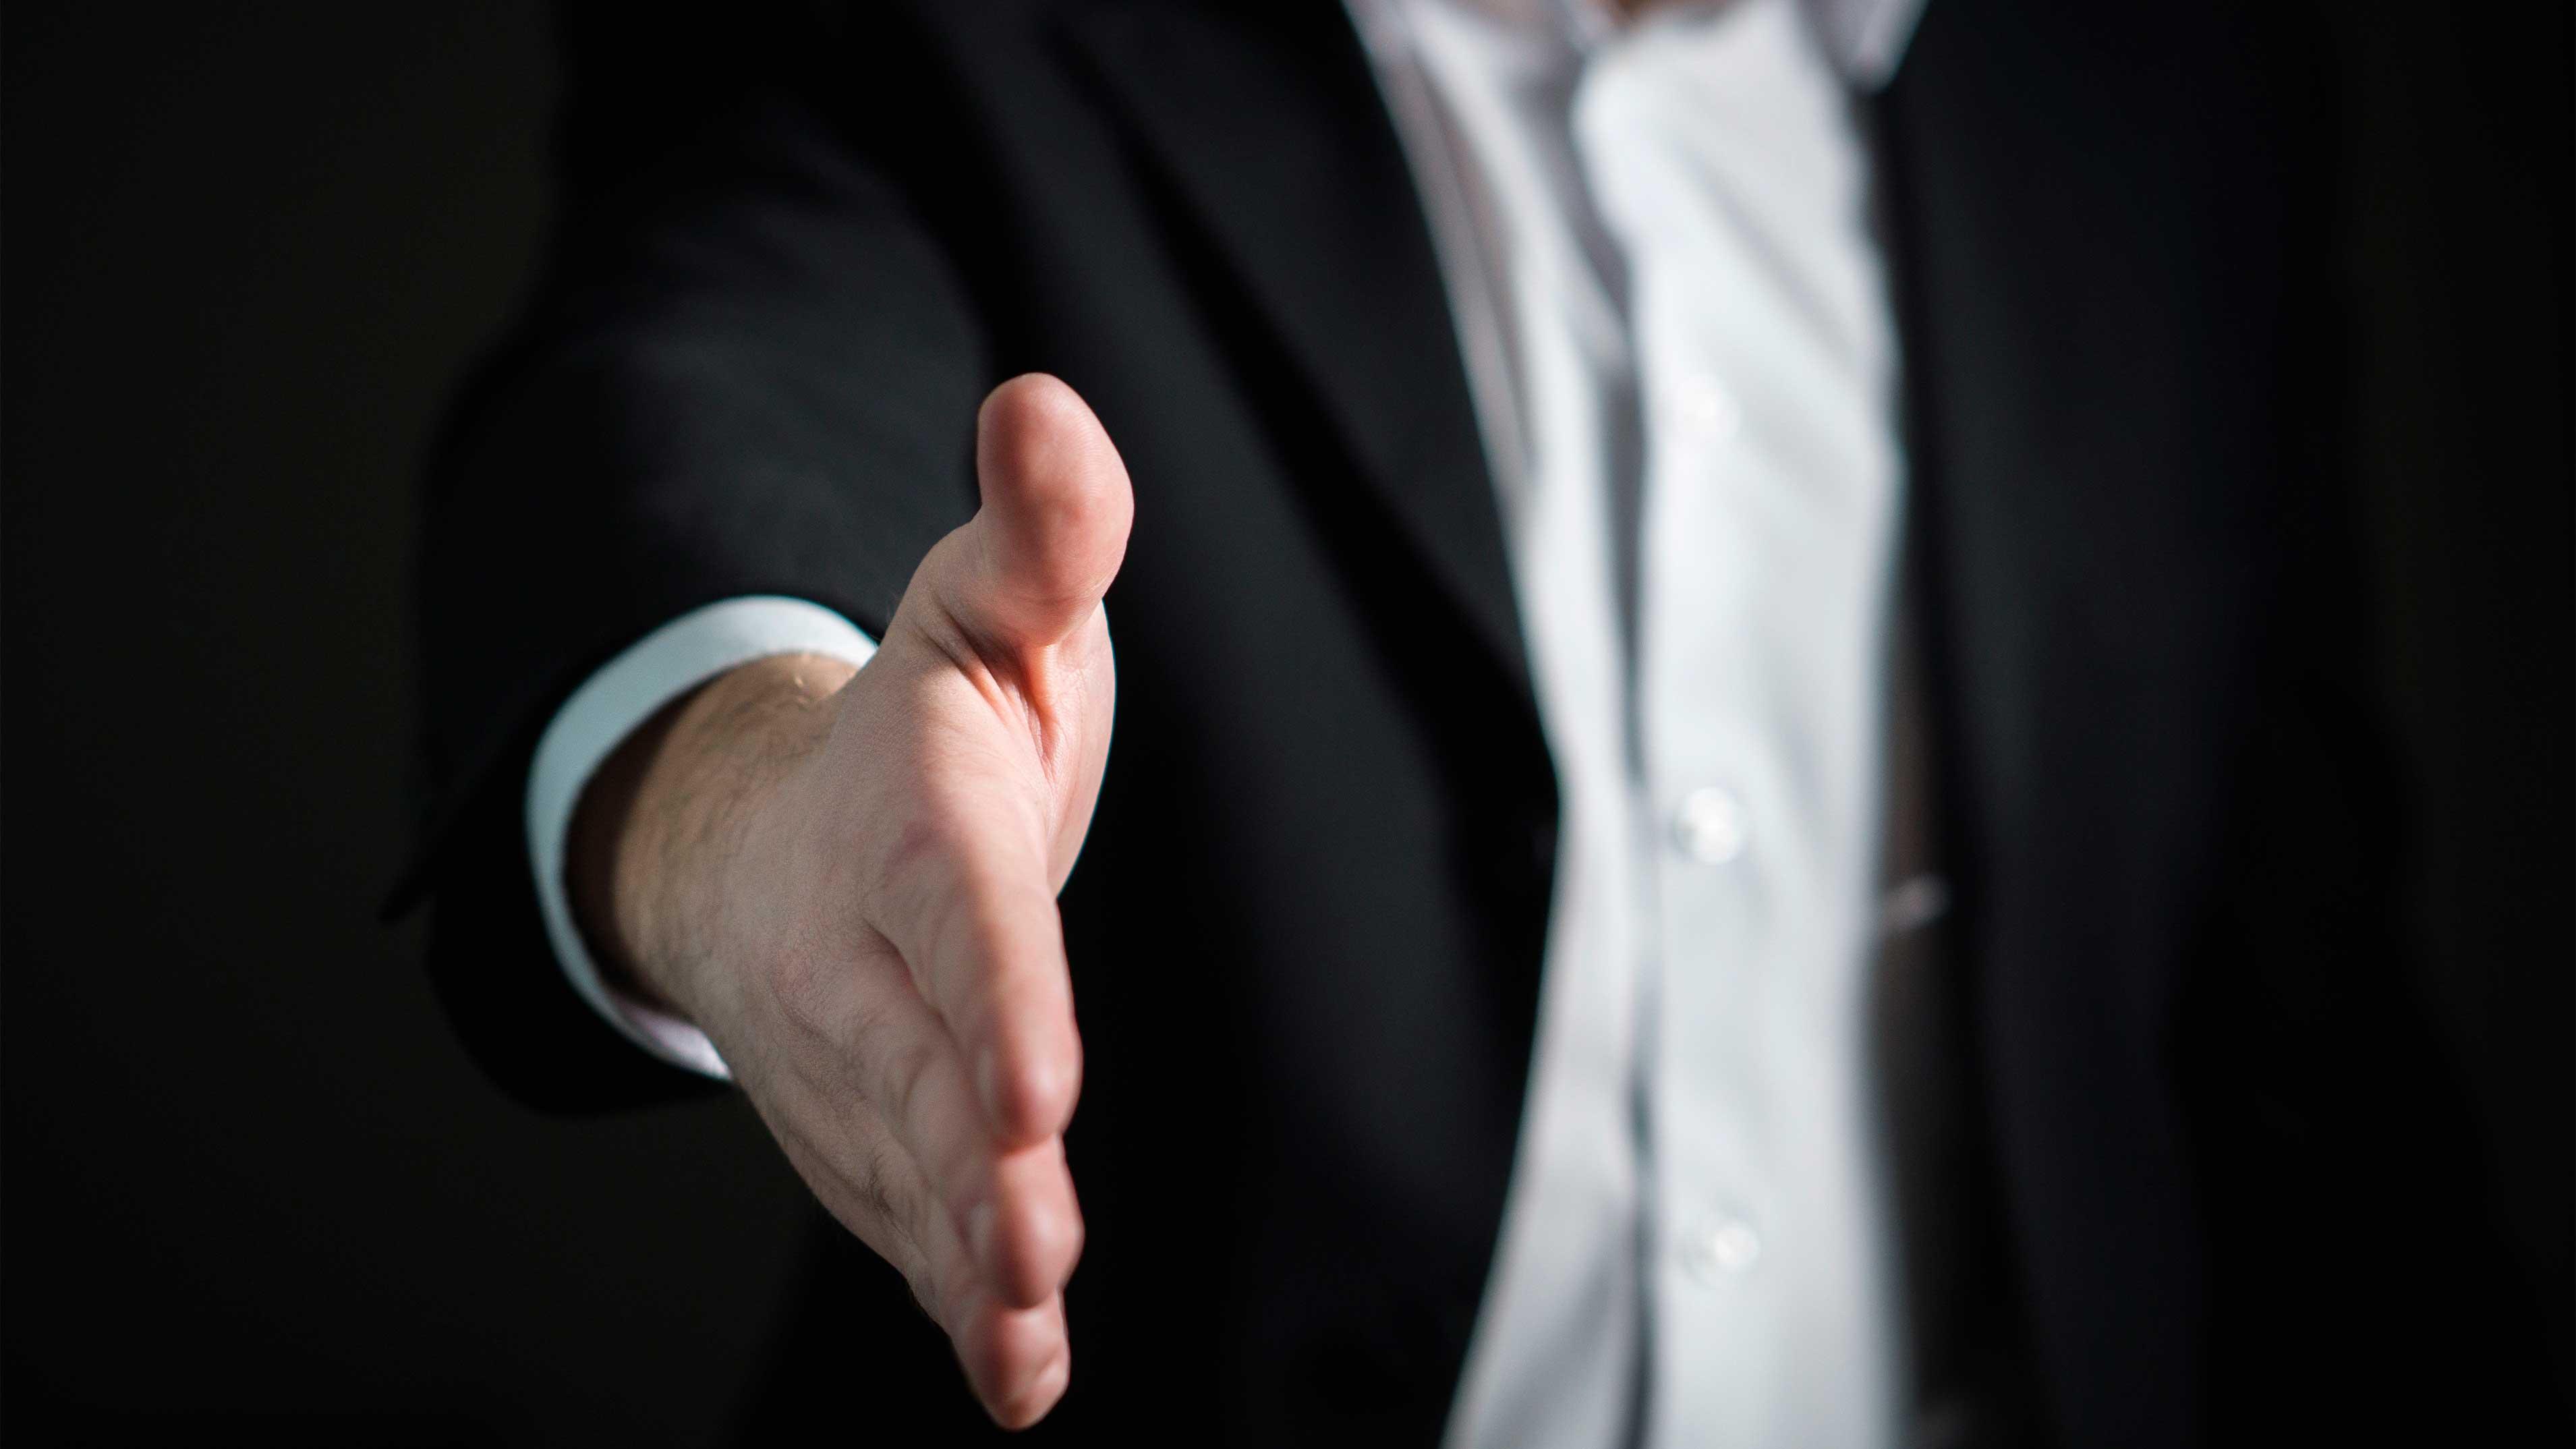 Desafio Profissional: 3 Dicas para Encará-lo de Frente - Mão estendida